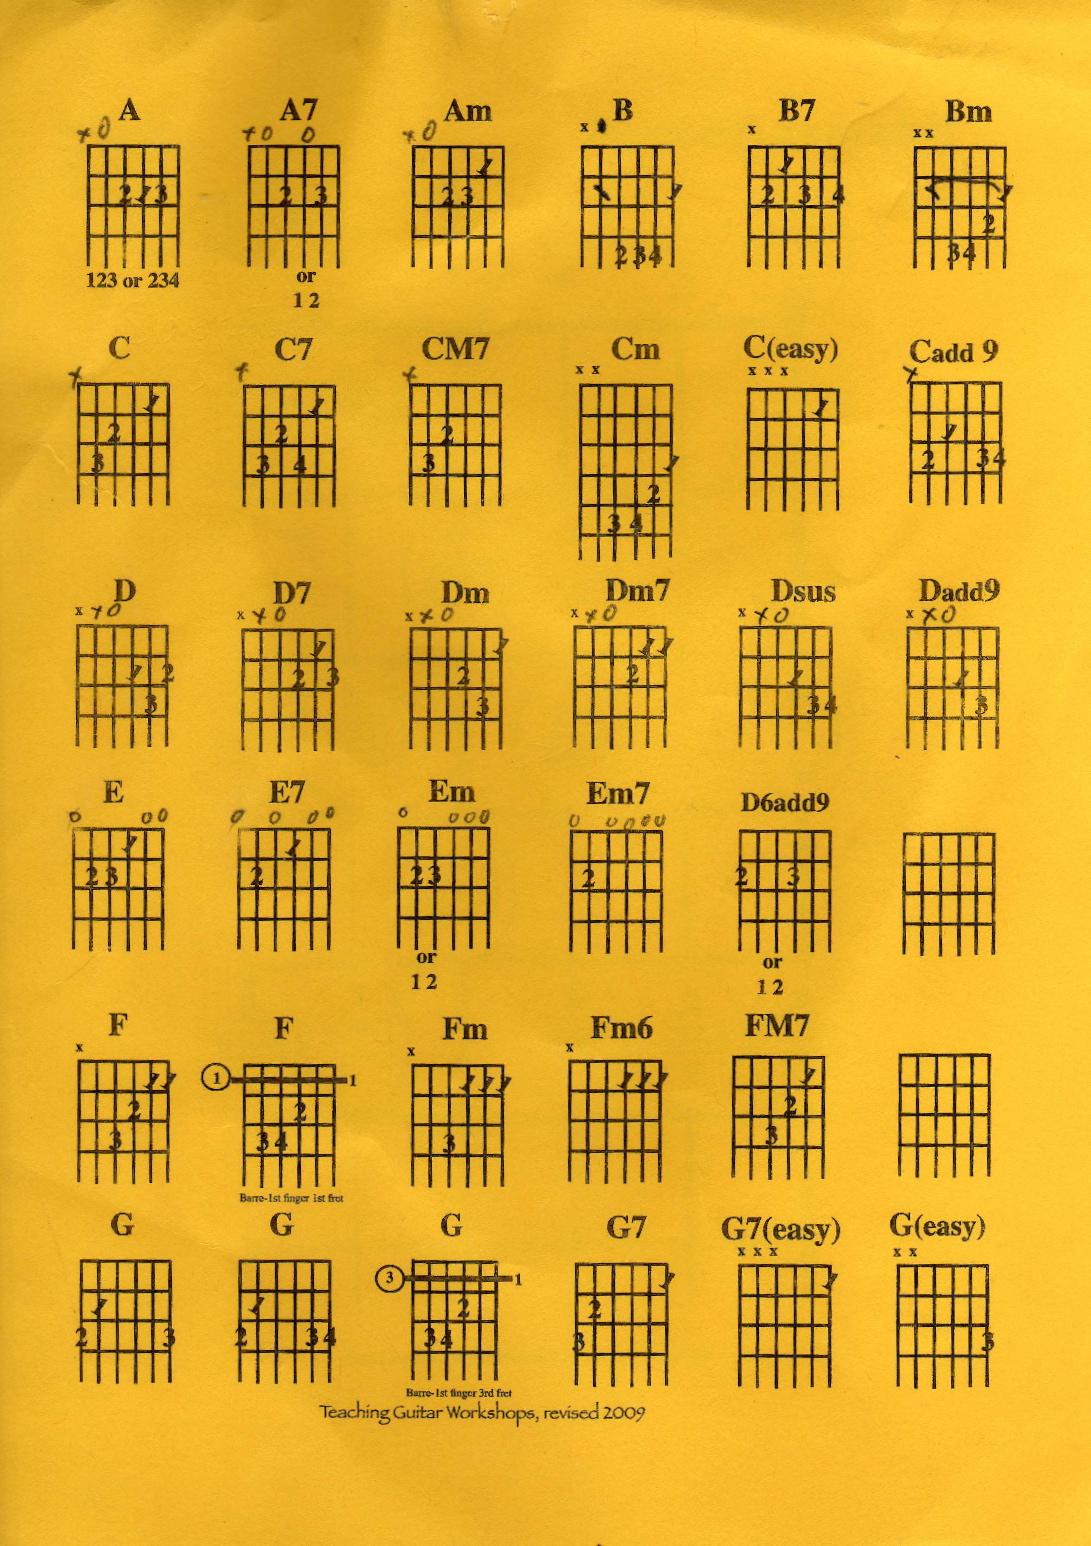 Chords Sabetmusic A7 Guitar Chord Chart